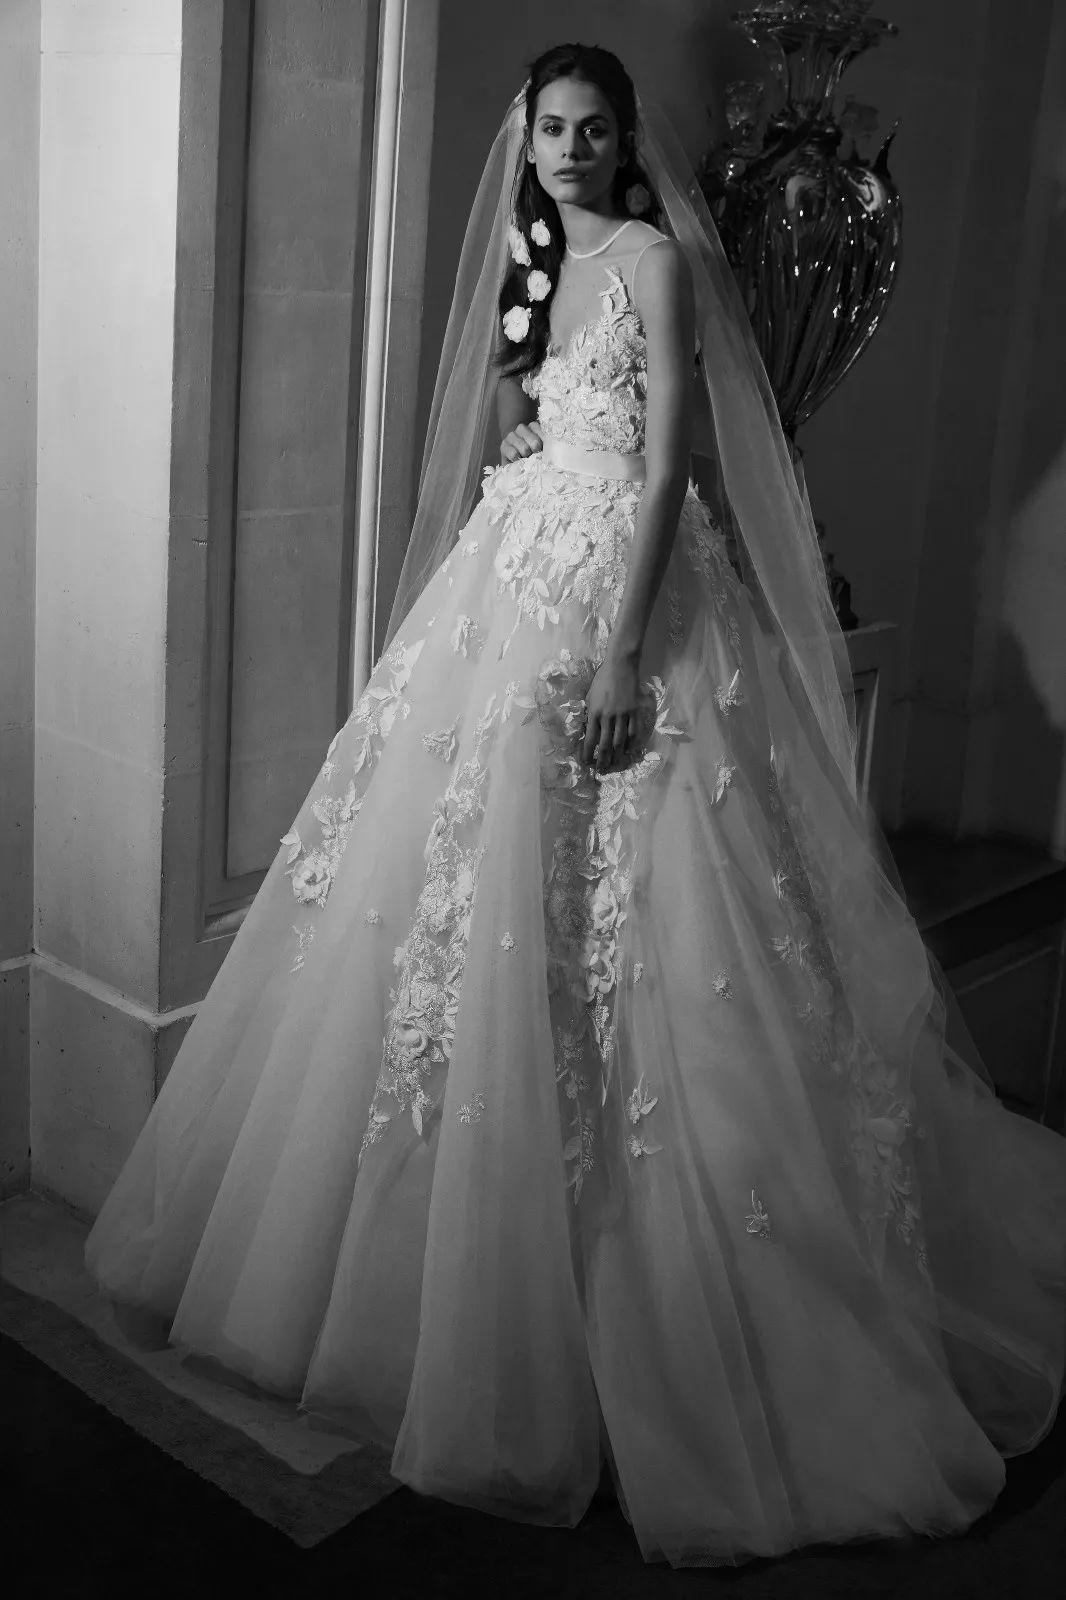 婚纱 奥斯卡 礼服